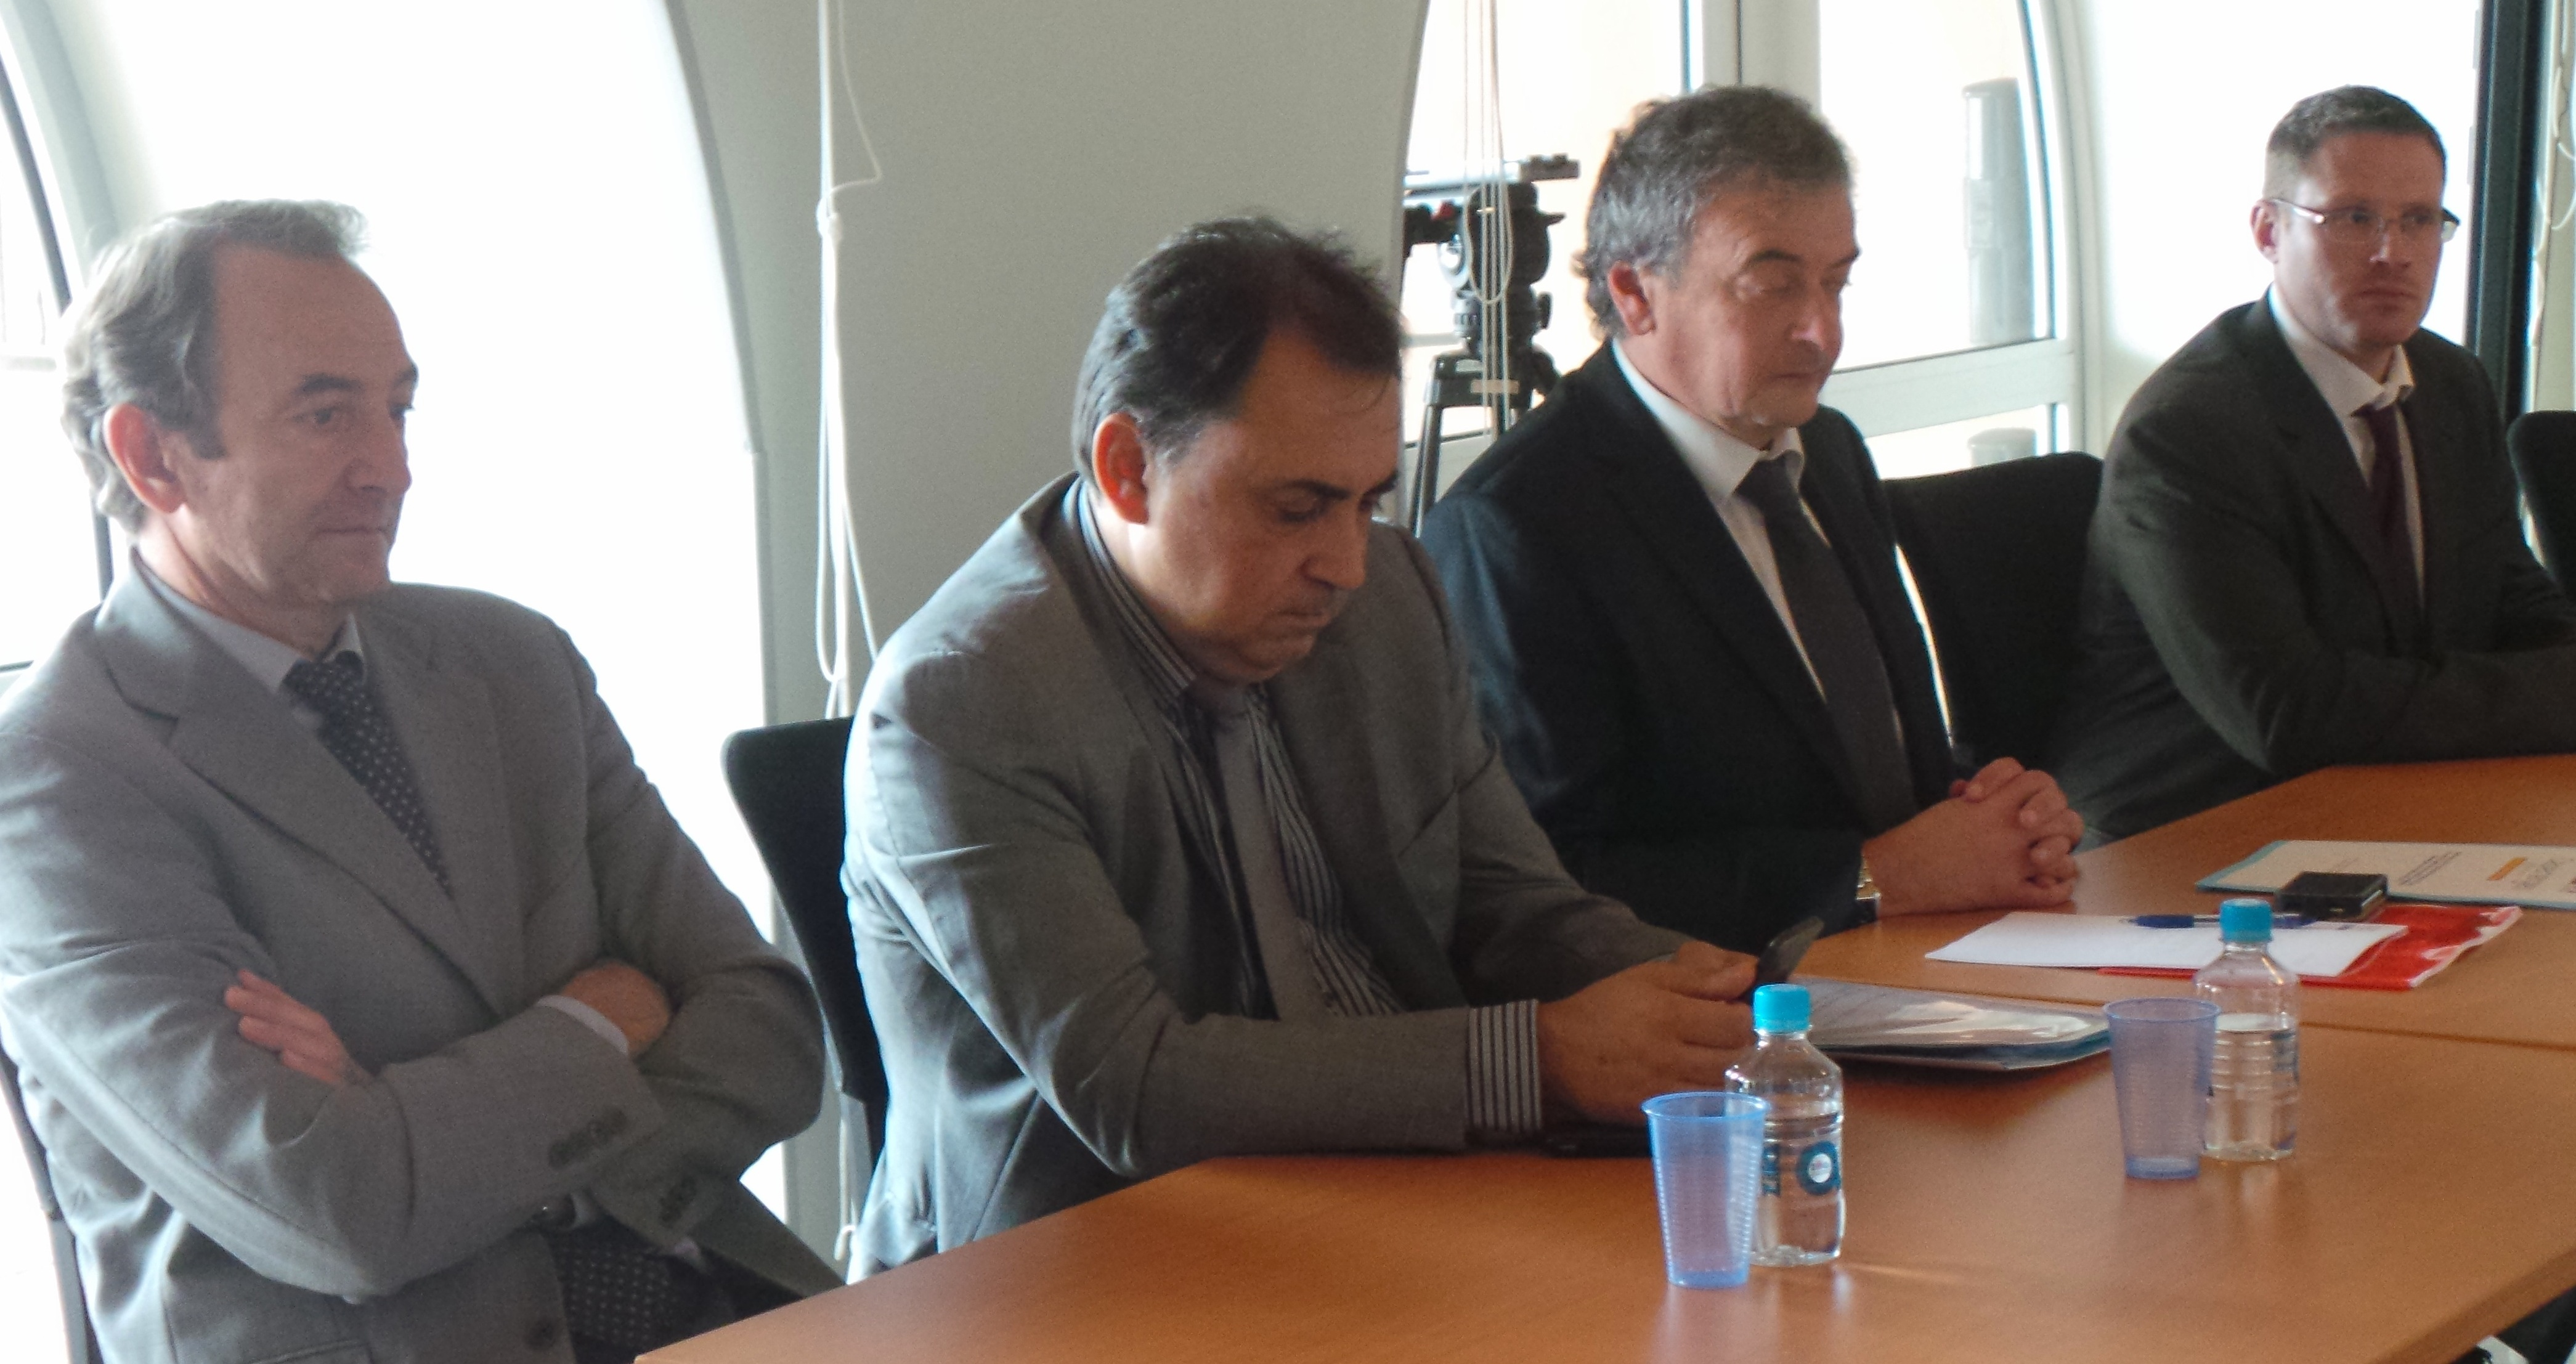 Les membres du bureau de Capenergies autour de Jacques-Thierry Monti, délégué régional Paca pour EDF